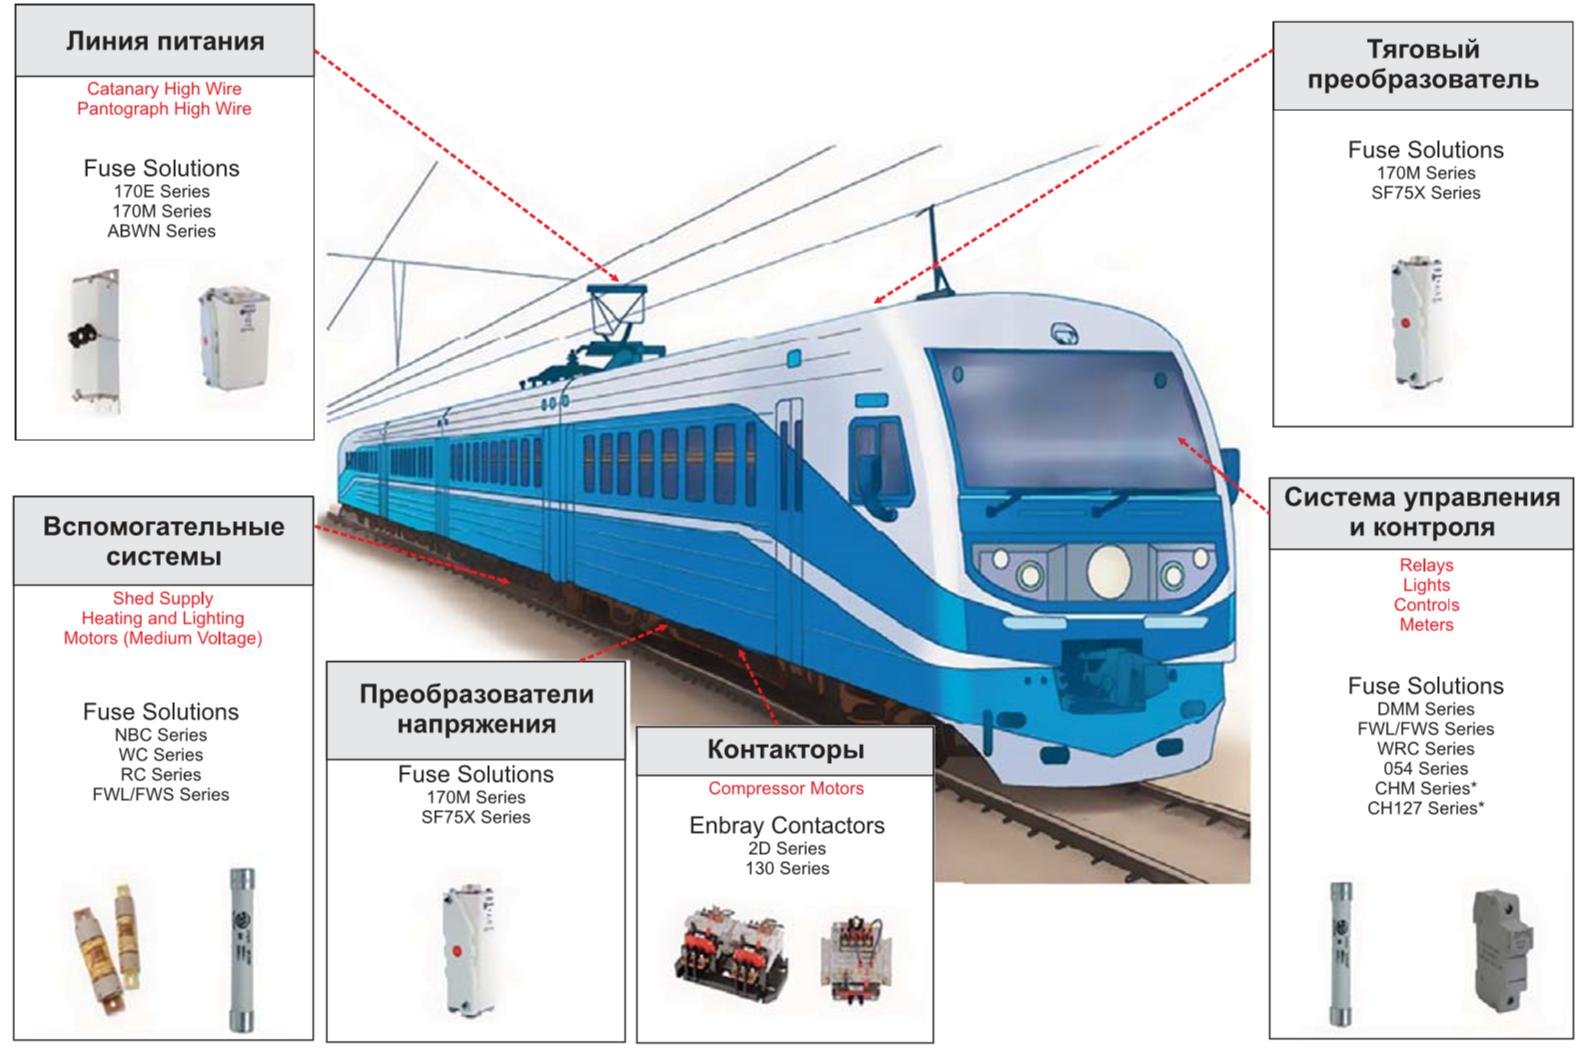 Применение предохранителей Bussmann в цепях подвижного состава